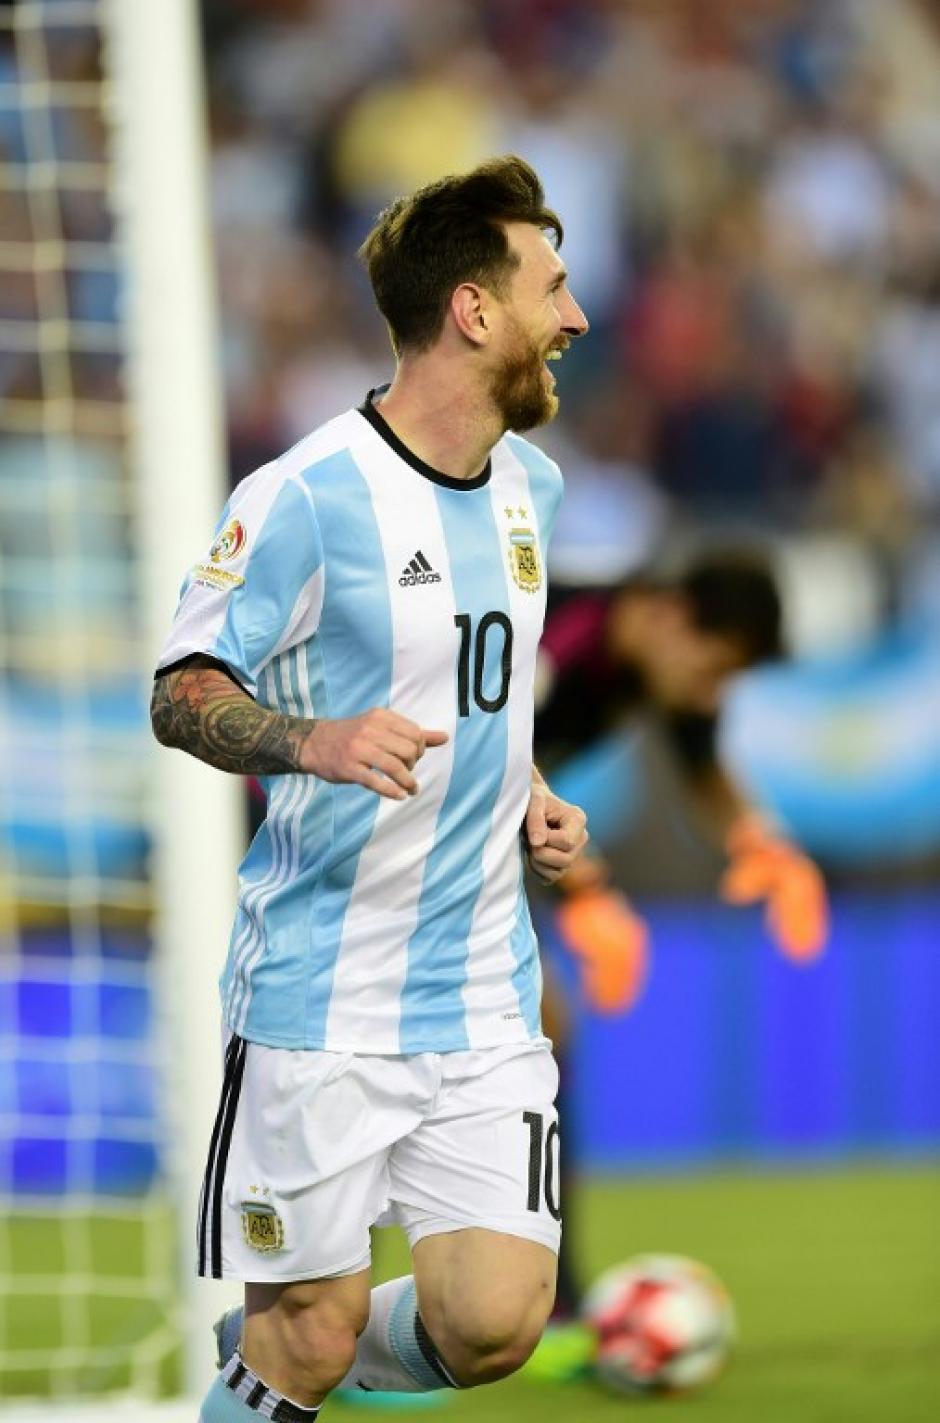 Messi, jugador récord, empató con 54 goles a Gabriel Batistuta como los máximos anotadores de la Selección de Argentina. (Foto: AFP)